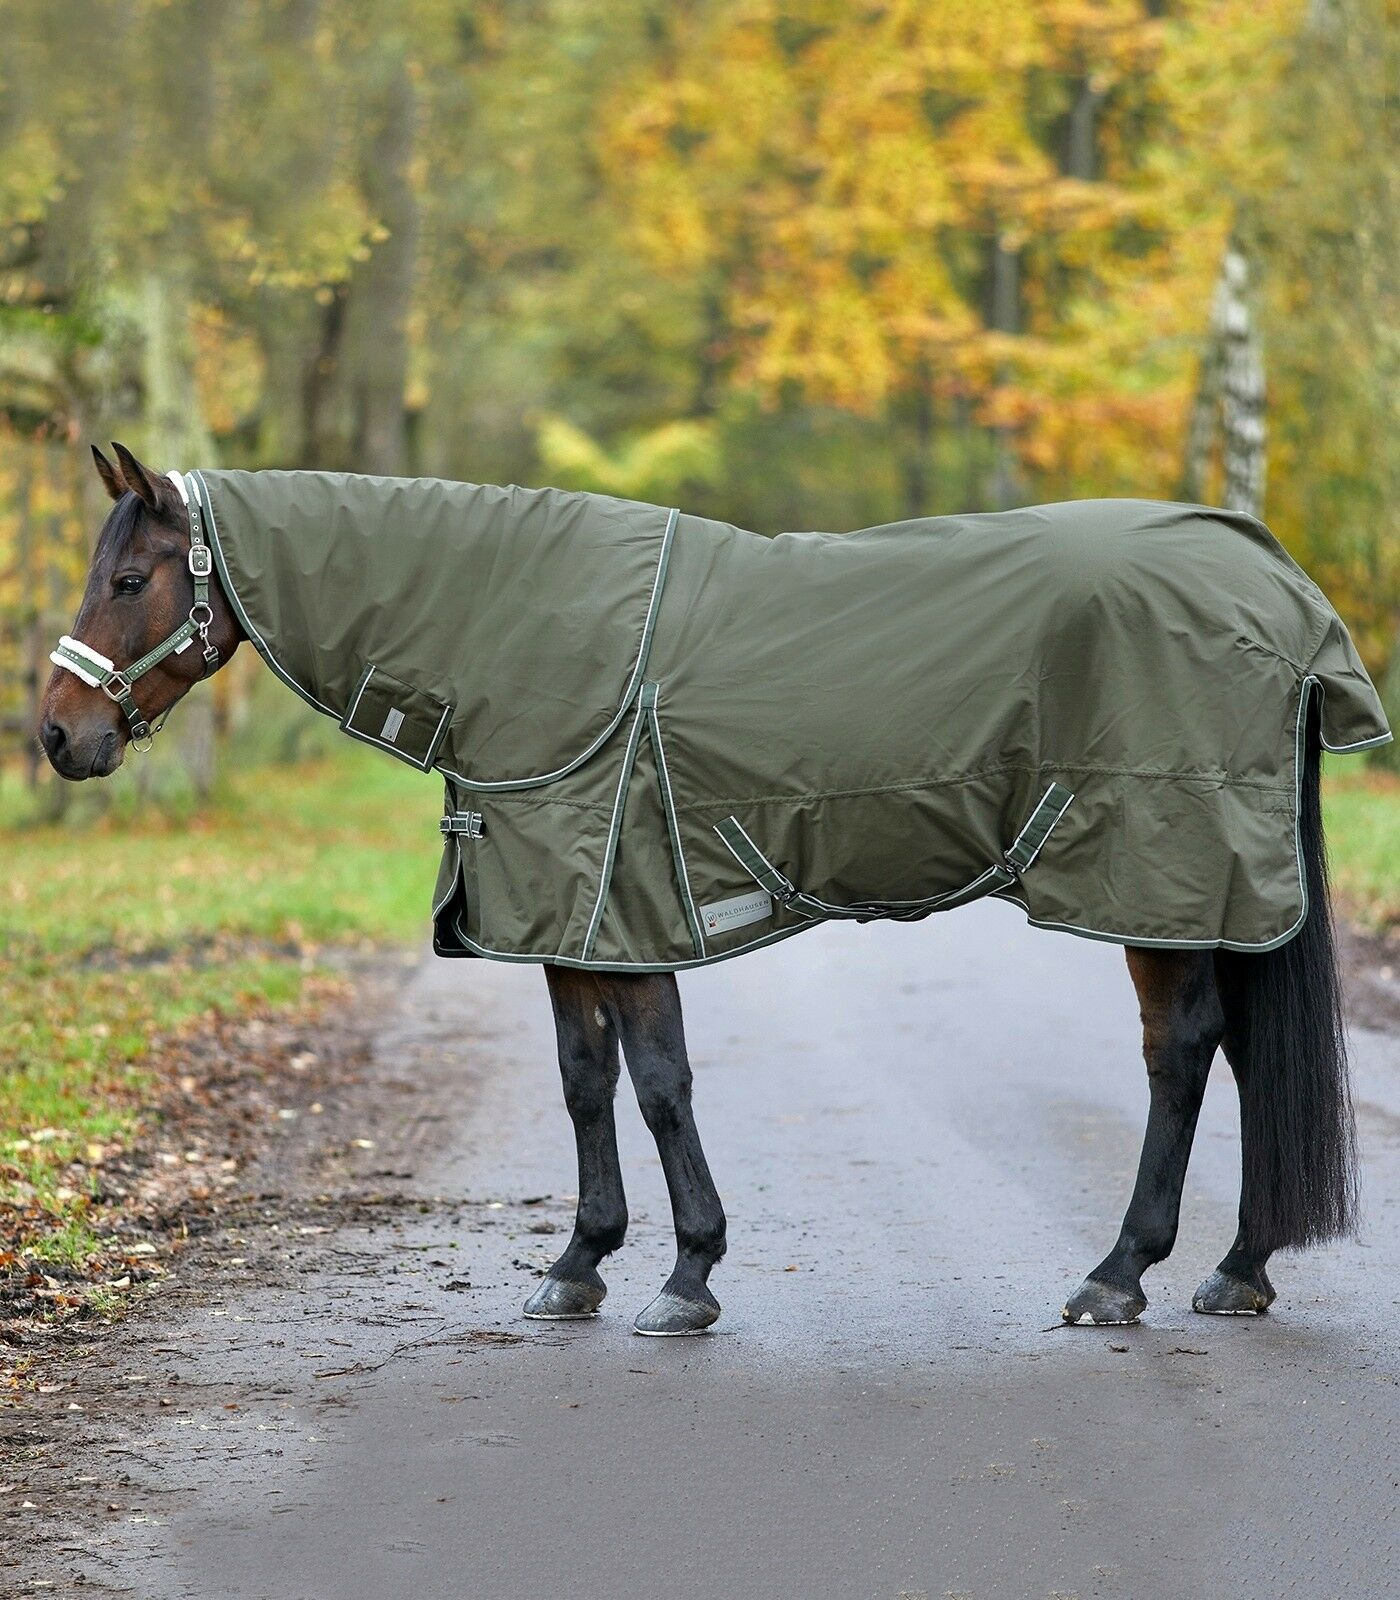 Coperta outdoor cavallo antipioggia impermeabile da paddock imbottitura 200 gr.